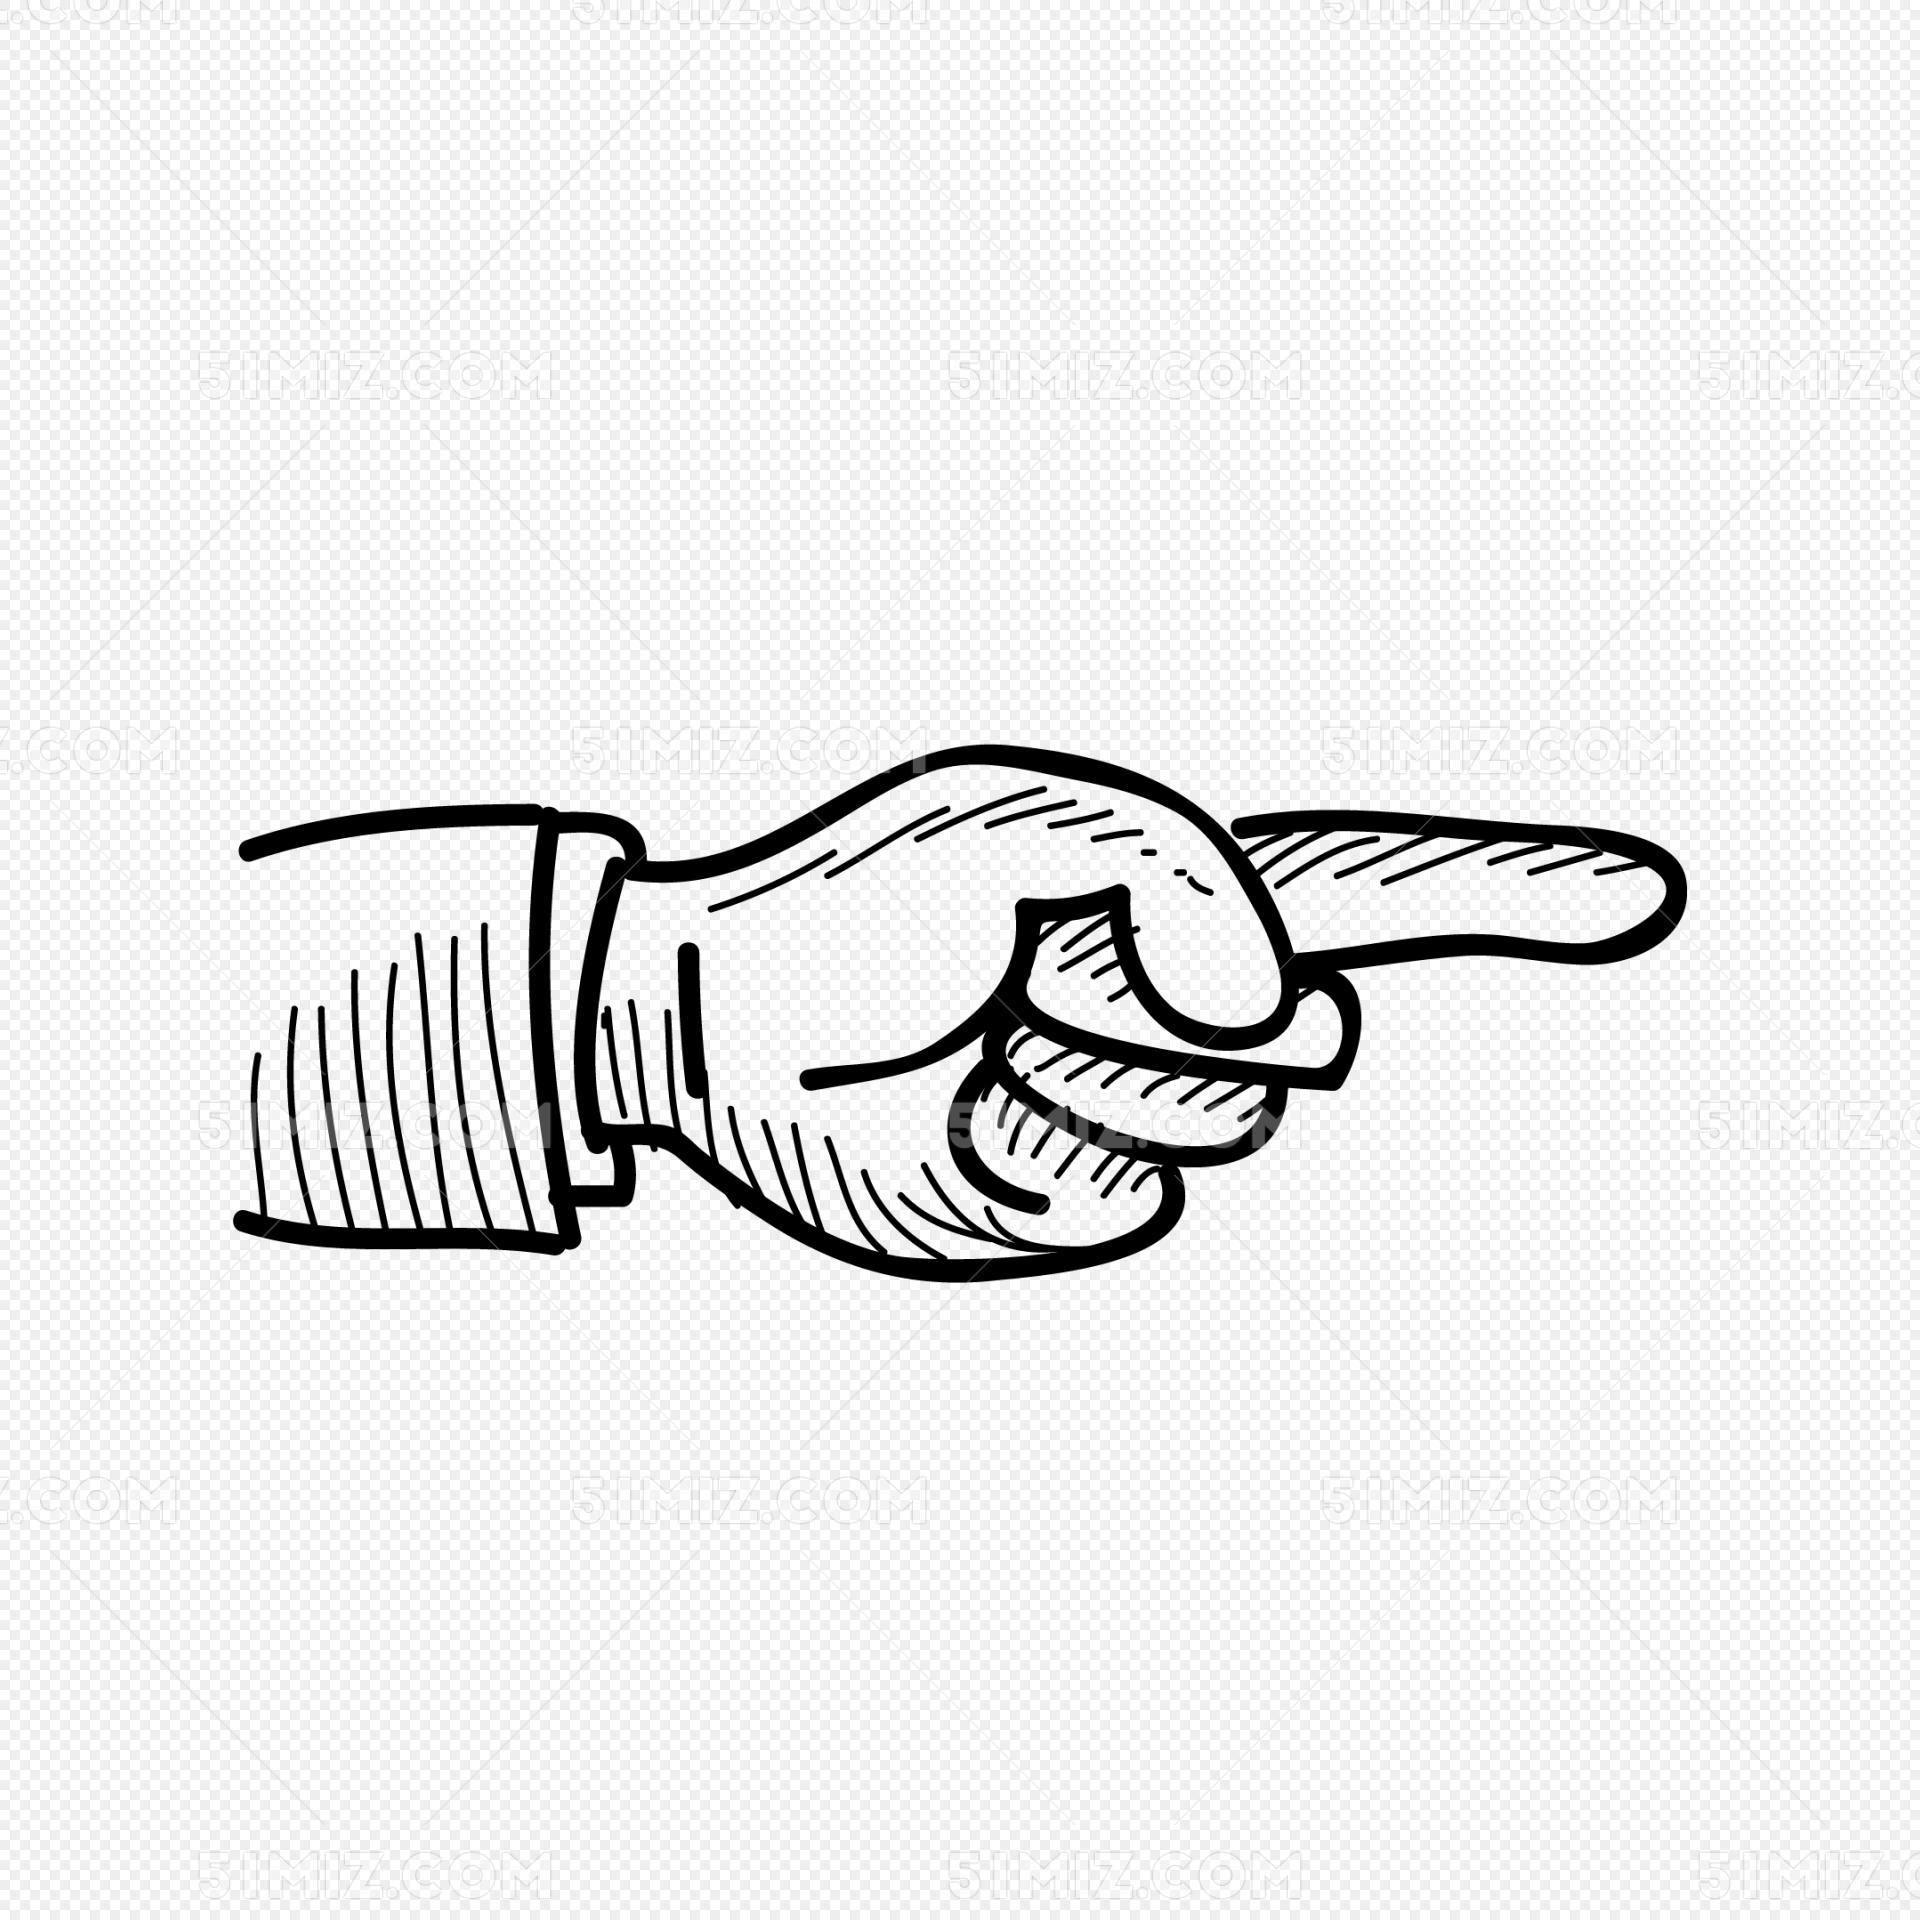 矢量卡通手指指引图片素材免费下载_觅知网